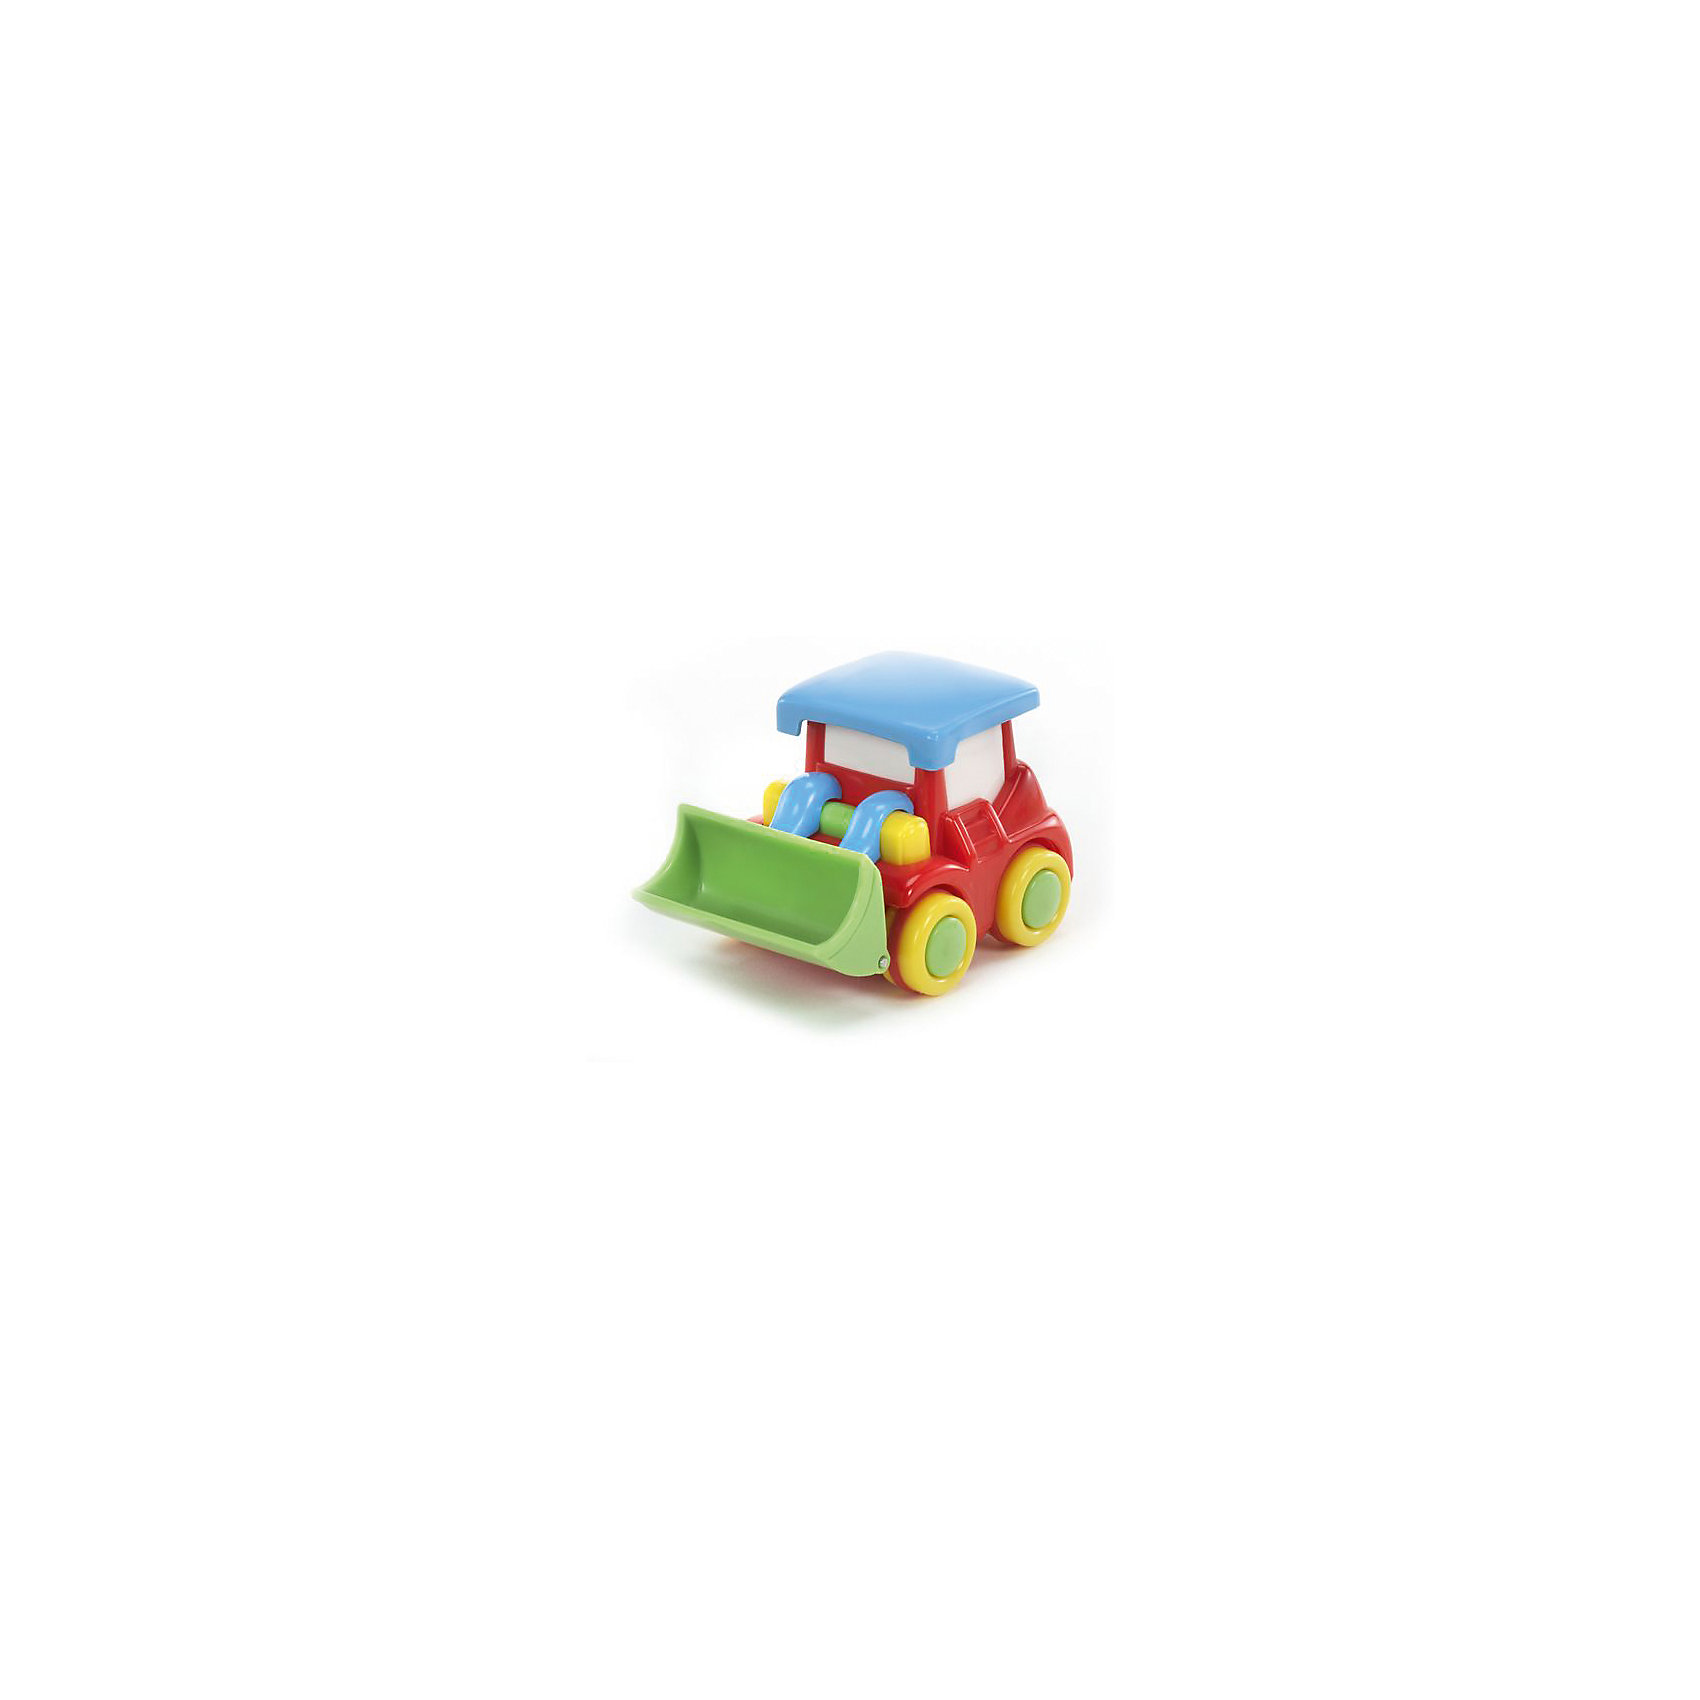 Экскаватор, Little TikesМашинки<br>Характеристики товара:<br><br>• материал: пластик<br>• безопасные краски<br>• вес: 100 г<br>• размер упаковки: 7х9х6 см<br>• качественное исполнение<br>• подвижные детали<br>• яркие цвета<br>• возраст: от 1 года<br>• страна производства: Китай<br><br>Эта яркая игрушка станет отличным подарком для маленького любителя машинок. Она отлично проработана, имеет подвижные детали. Игрушка станет желанным подарком для мальчишек! Благодаря компактному размеру её удобно брать с собой.<br><br>Экскаватор от бренда Little Tikes можно купить в нашем интернет-магазине.<br><br>Ширина мм: 65<br>Глубина мм: 85<br>Высота мм: 60<br>Вес г: 118<br>Возраст от месяцев: 12<br>Возраст до месяцев: 36<br>Пол: Мужской<br>Возраст: Детский<br>SKU: 5471894